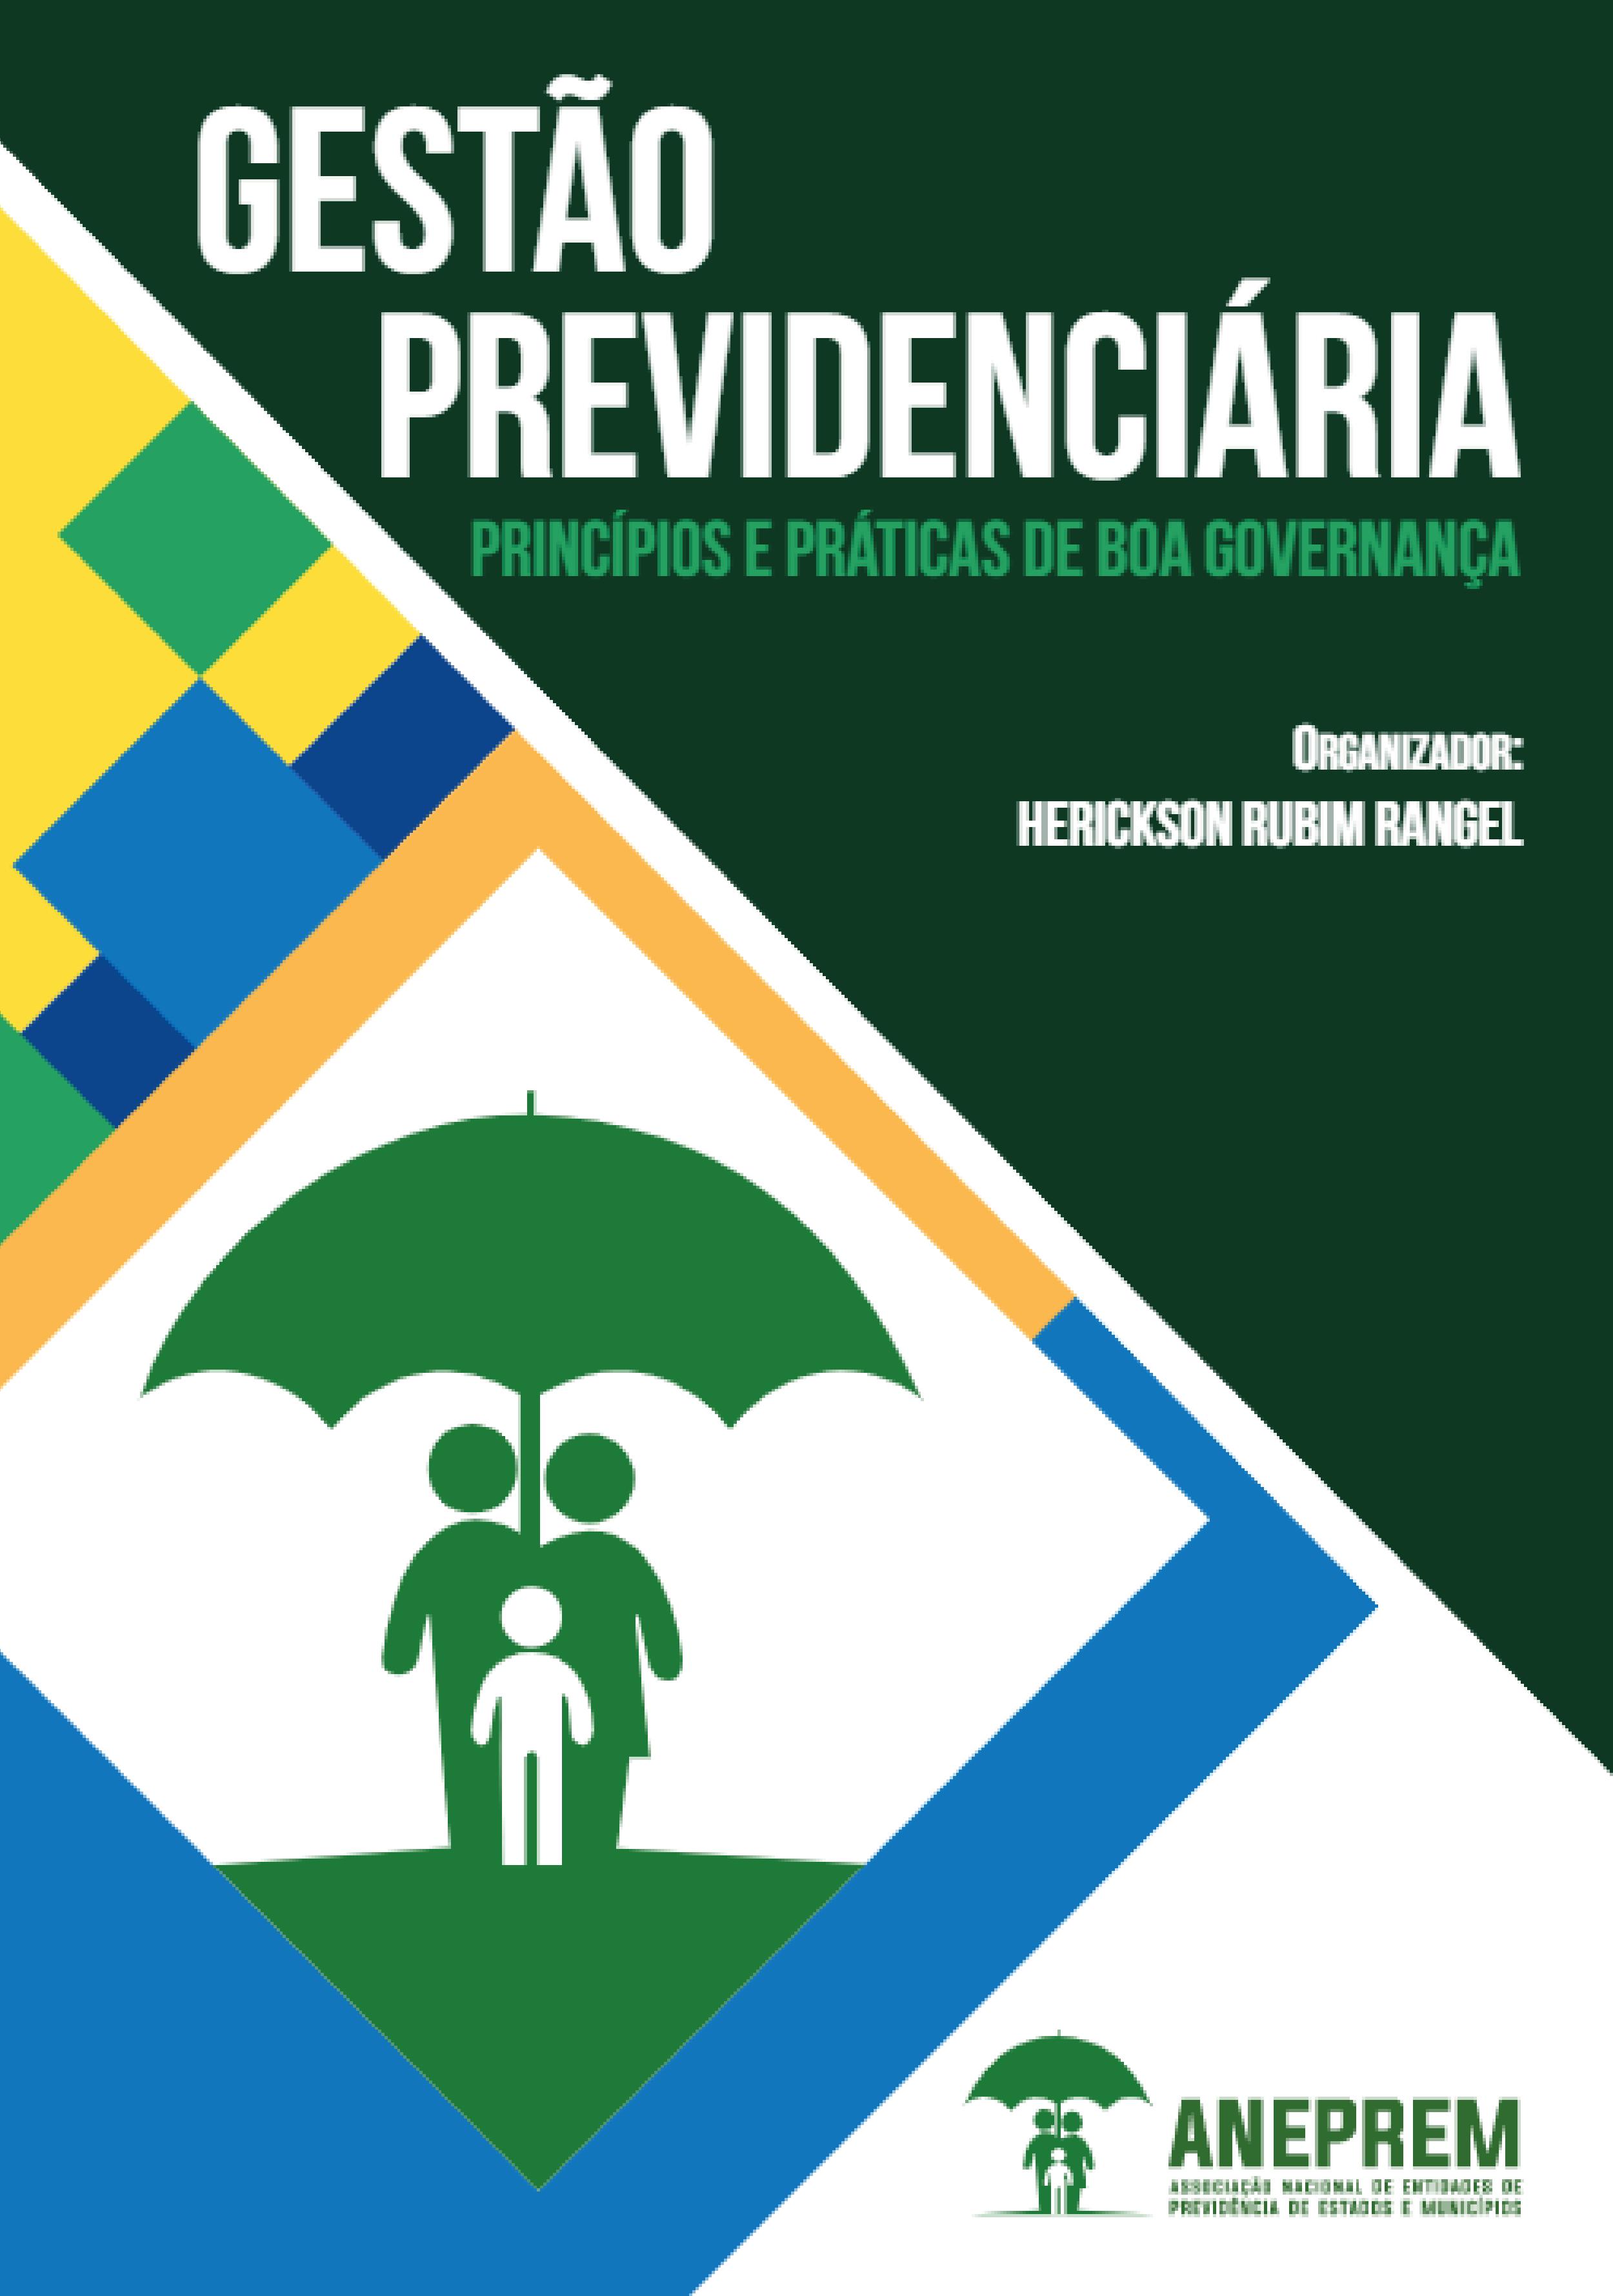 Read more about the article GESTÃO PREVIDENCIÁRIA HERICKSON RUBIM